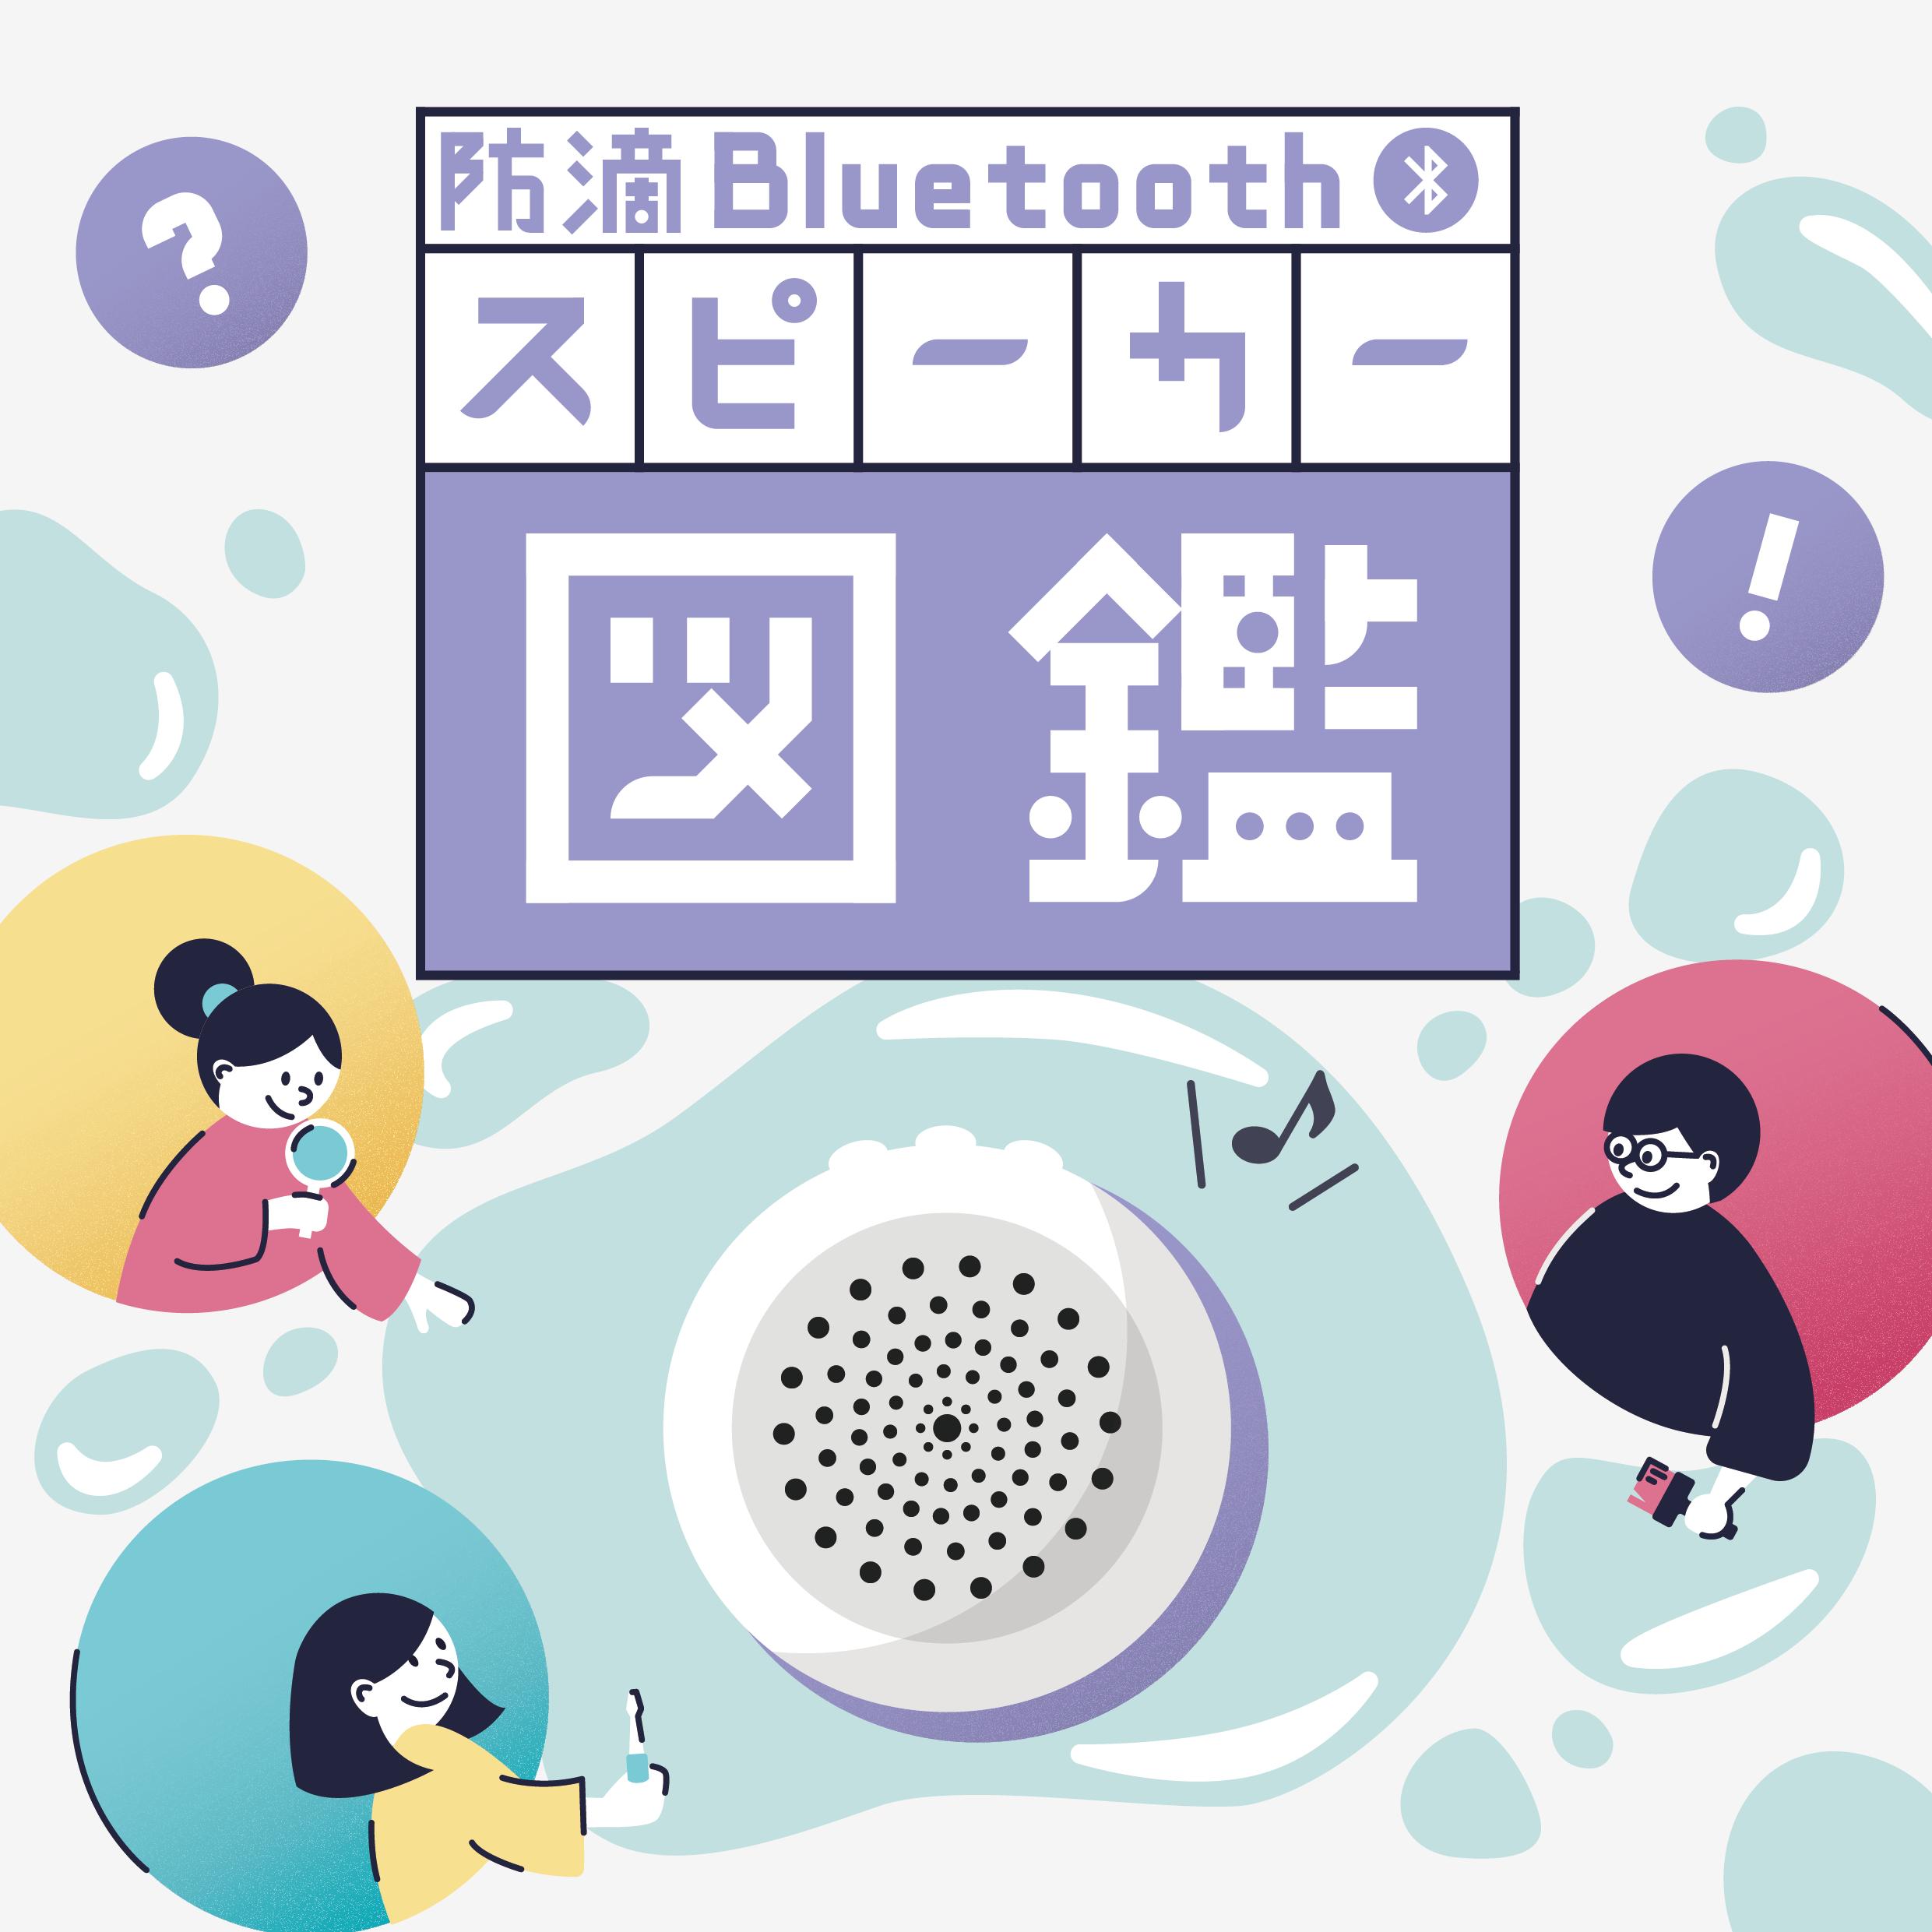 防滴Bluetoothスピーカー図鑑ができました!【オンライン活動】